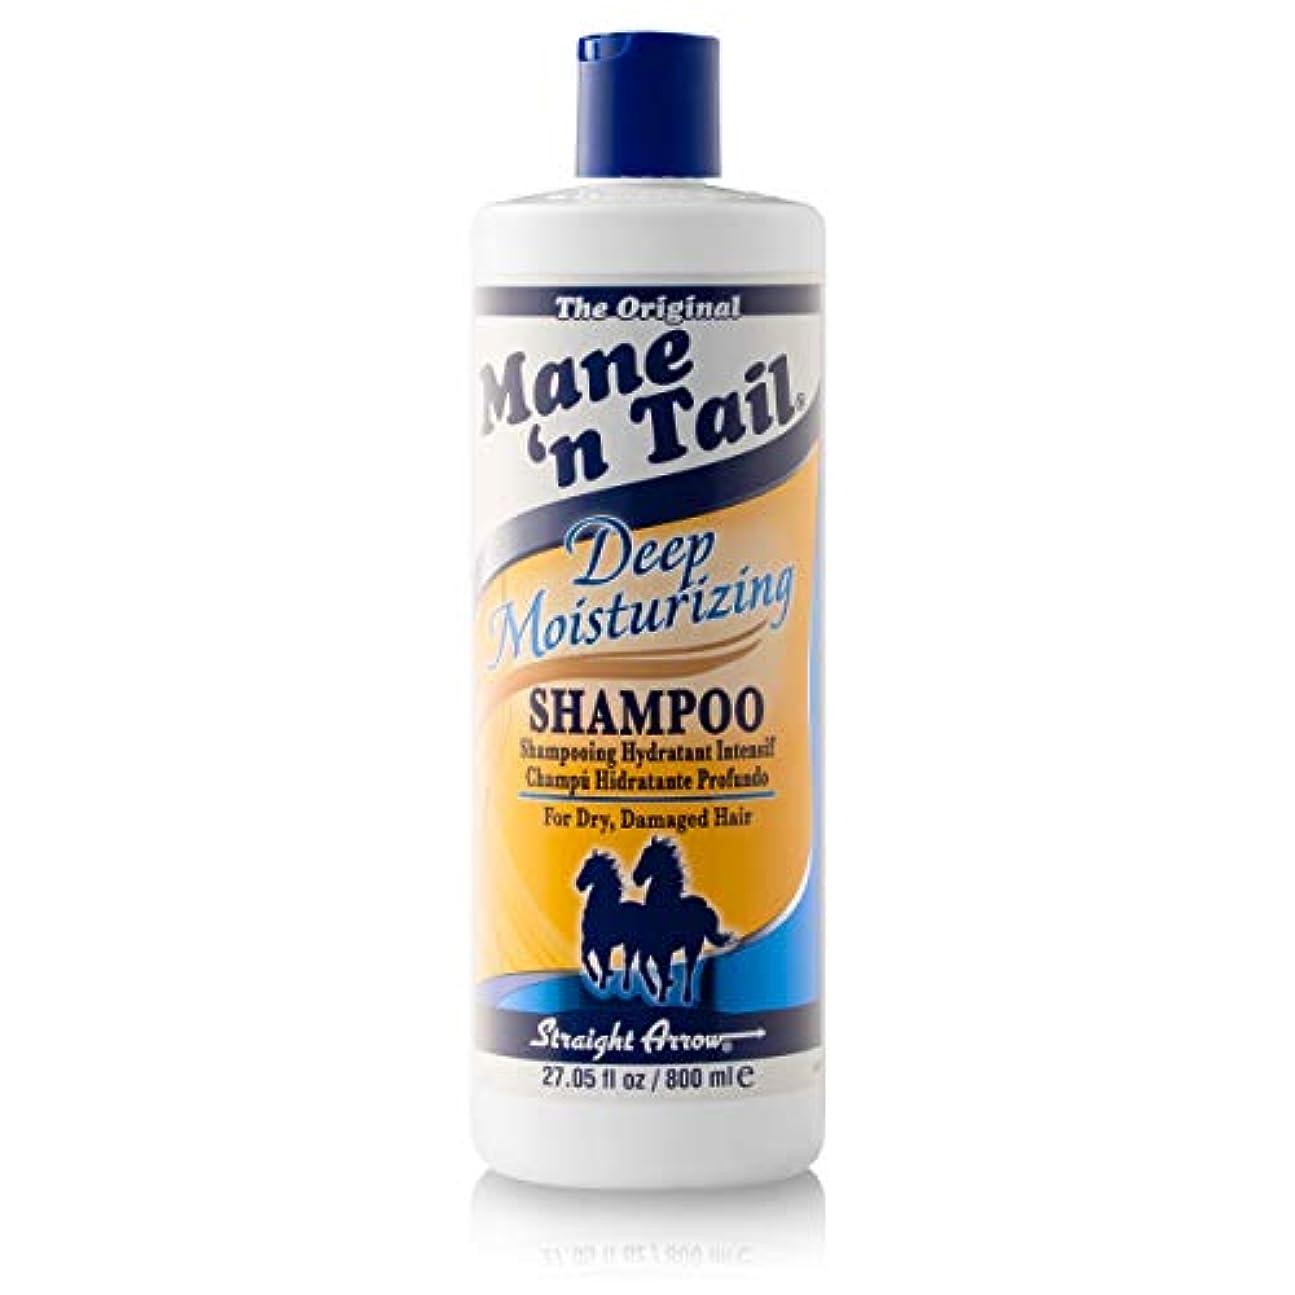 申請中したがっての量メインテイル Mane 'n Tail Deep Moisturizing Shampoo 27.05 oz 800ml 並行輸入品